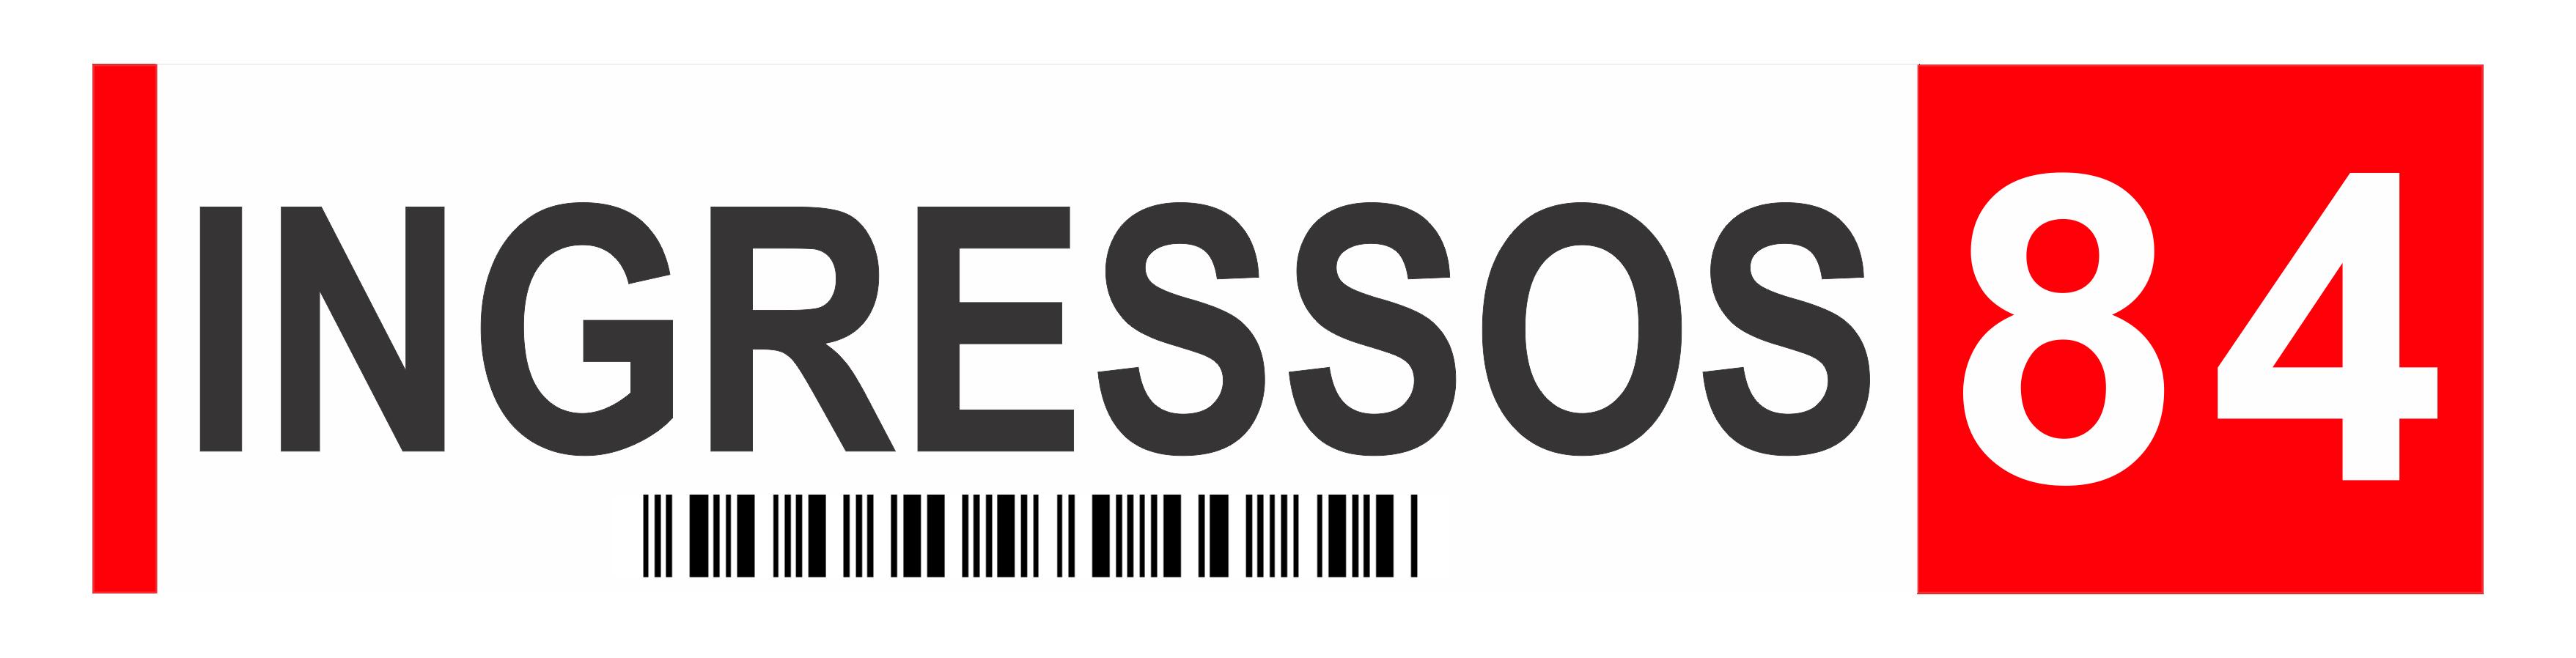 INGRESSOS 84 - Ingressos Online